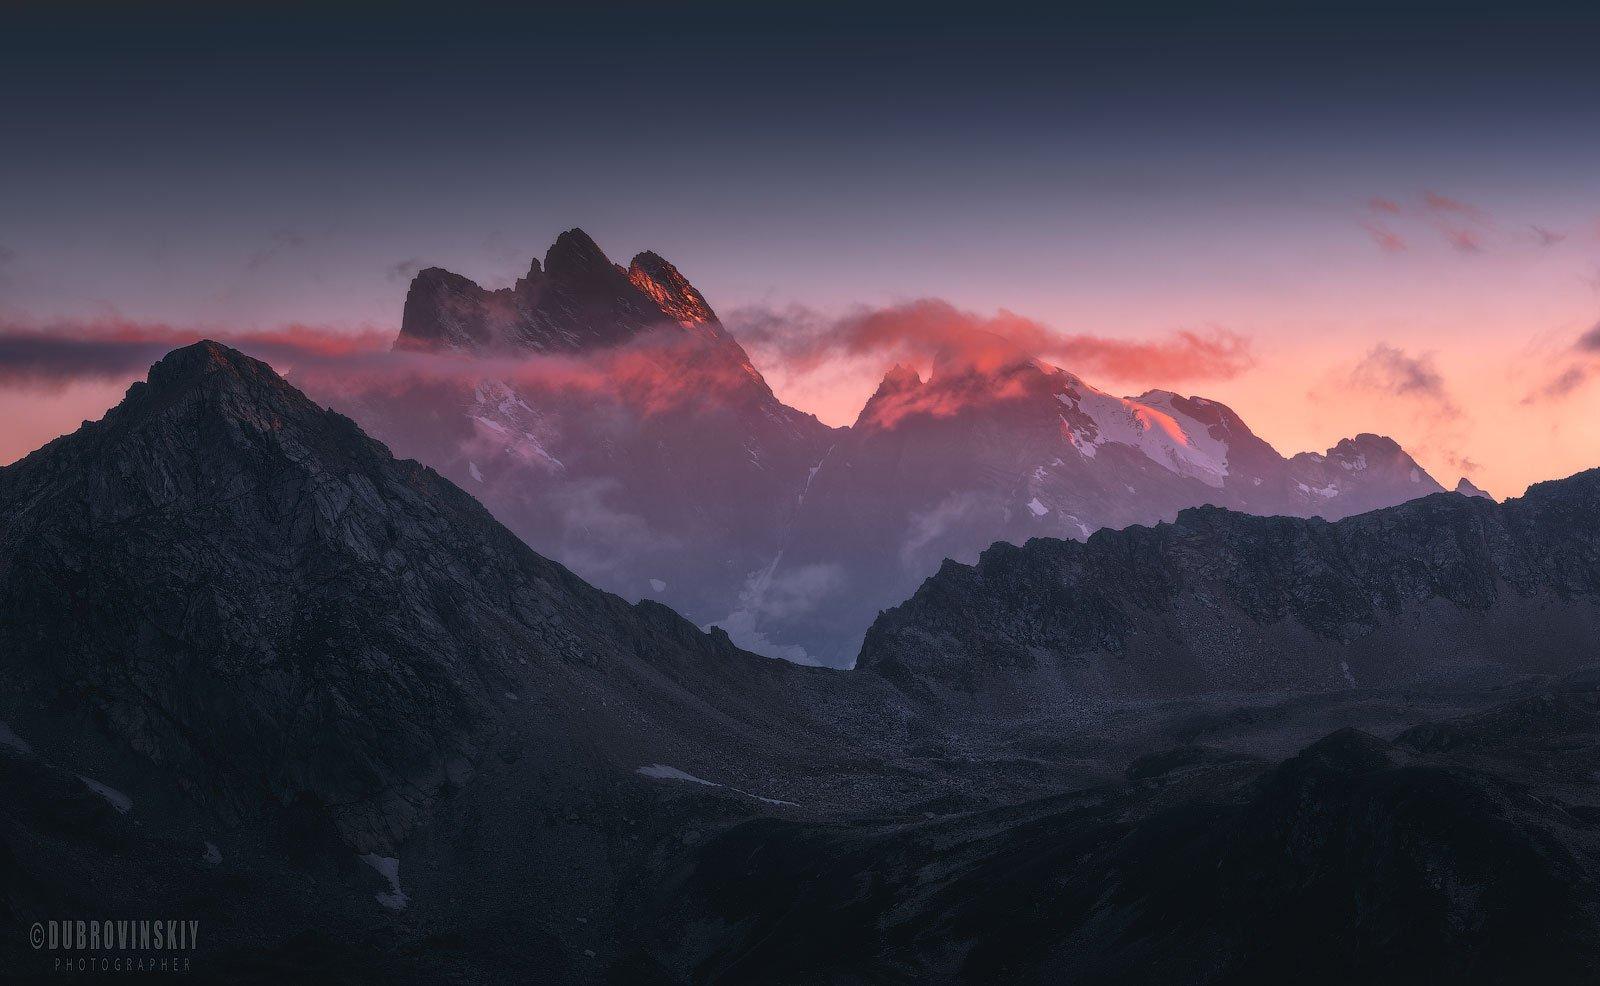 тебердинский заповедник, кавказ, горы, закат, Дубровинский Михаил